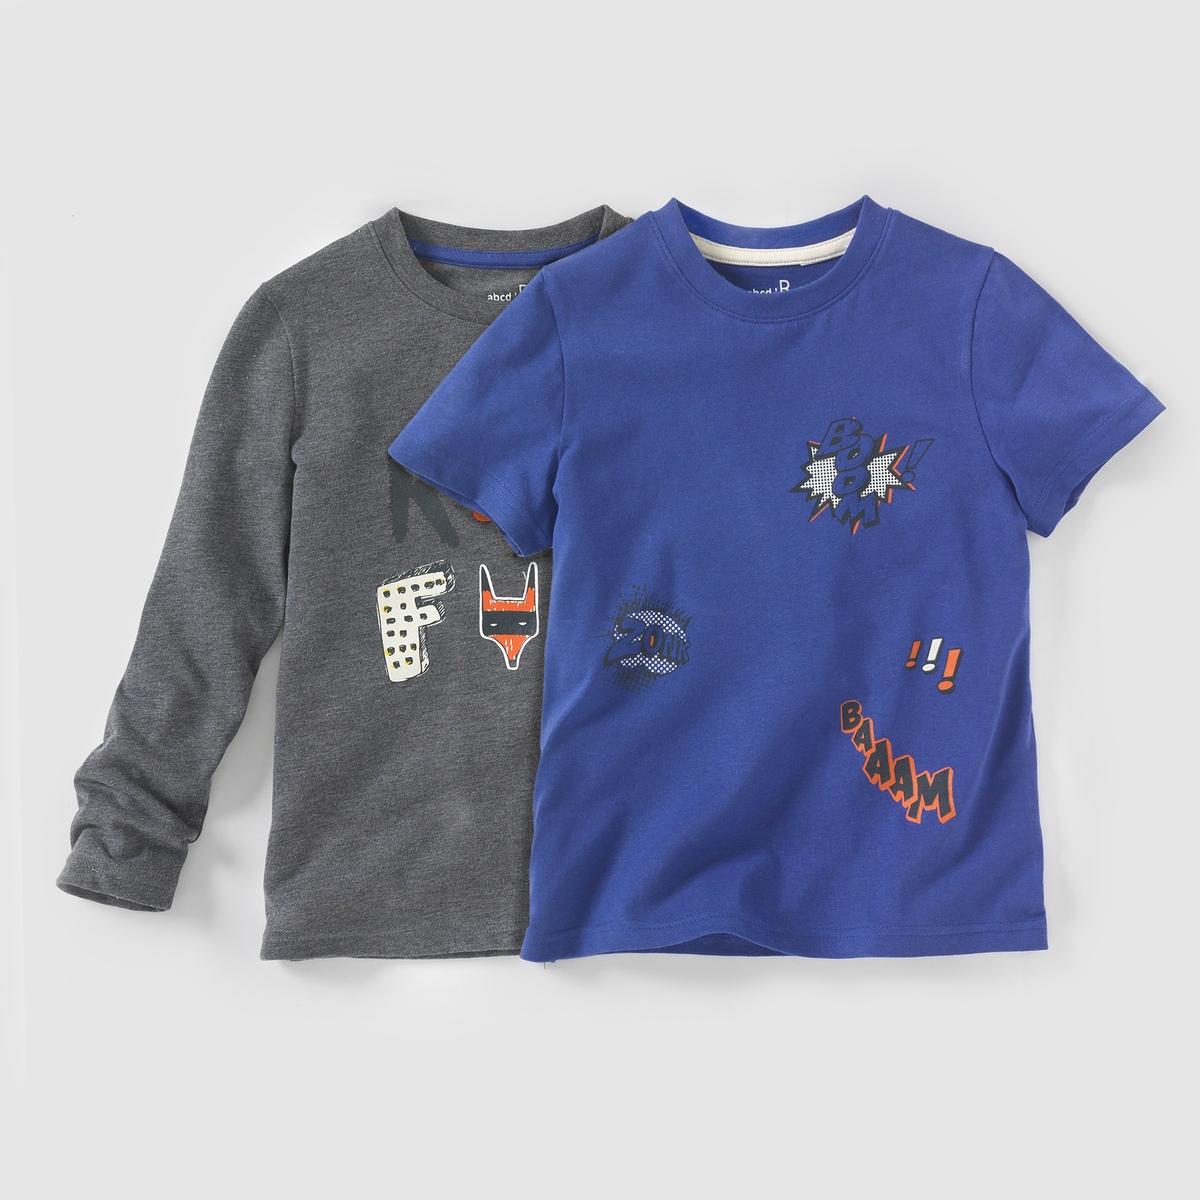 Комплект из 2 футболок с рисунком, для 3-12 лет